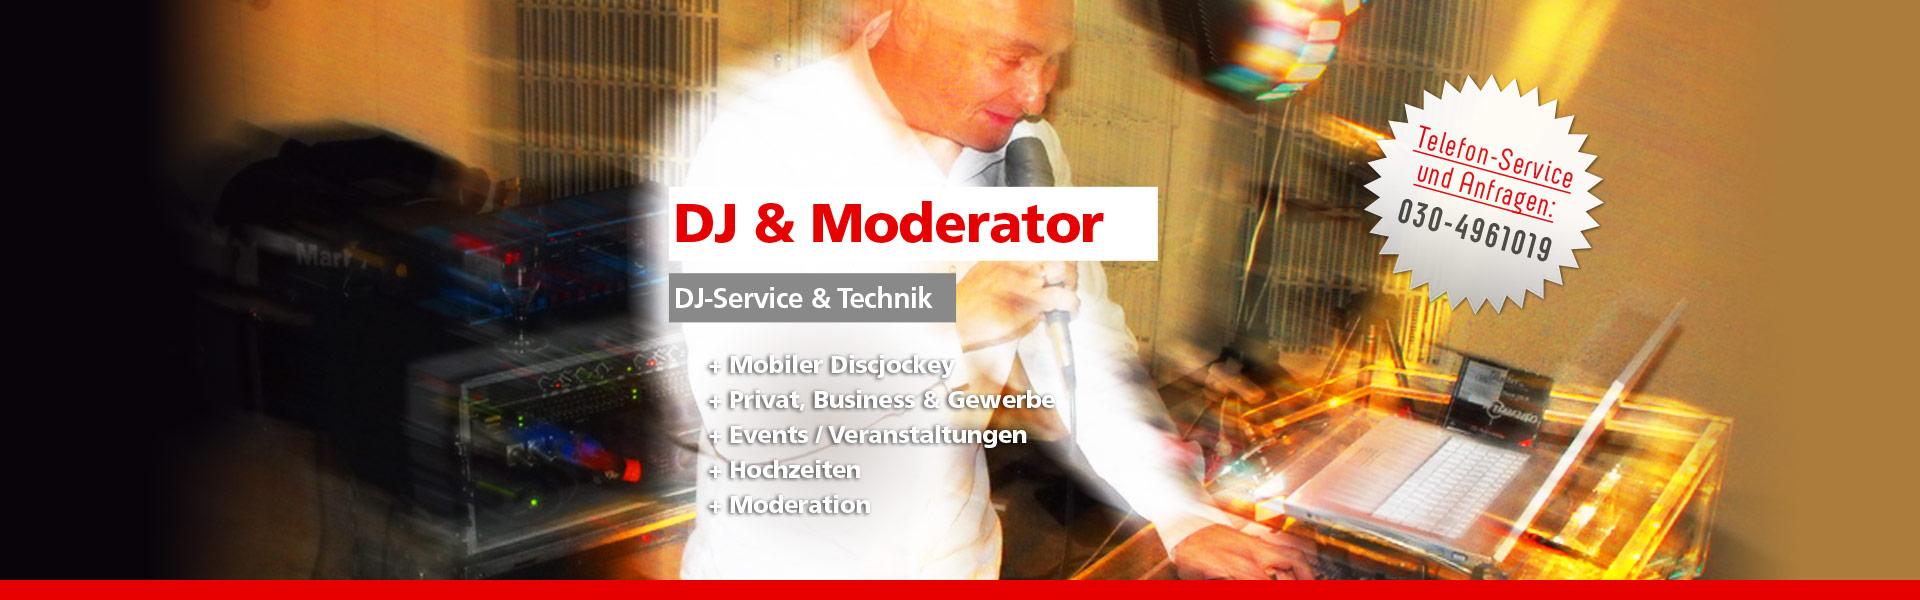 http://www.stefansimon.de/wp-content/uploads/2014/02/Slider_1920x600px_Start-NEU-1.jpg